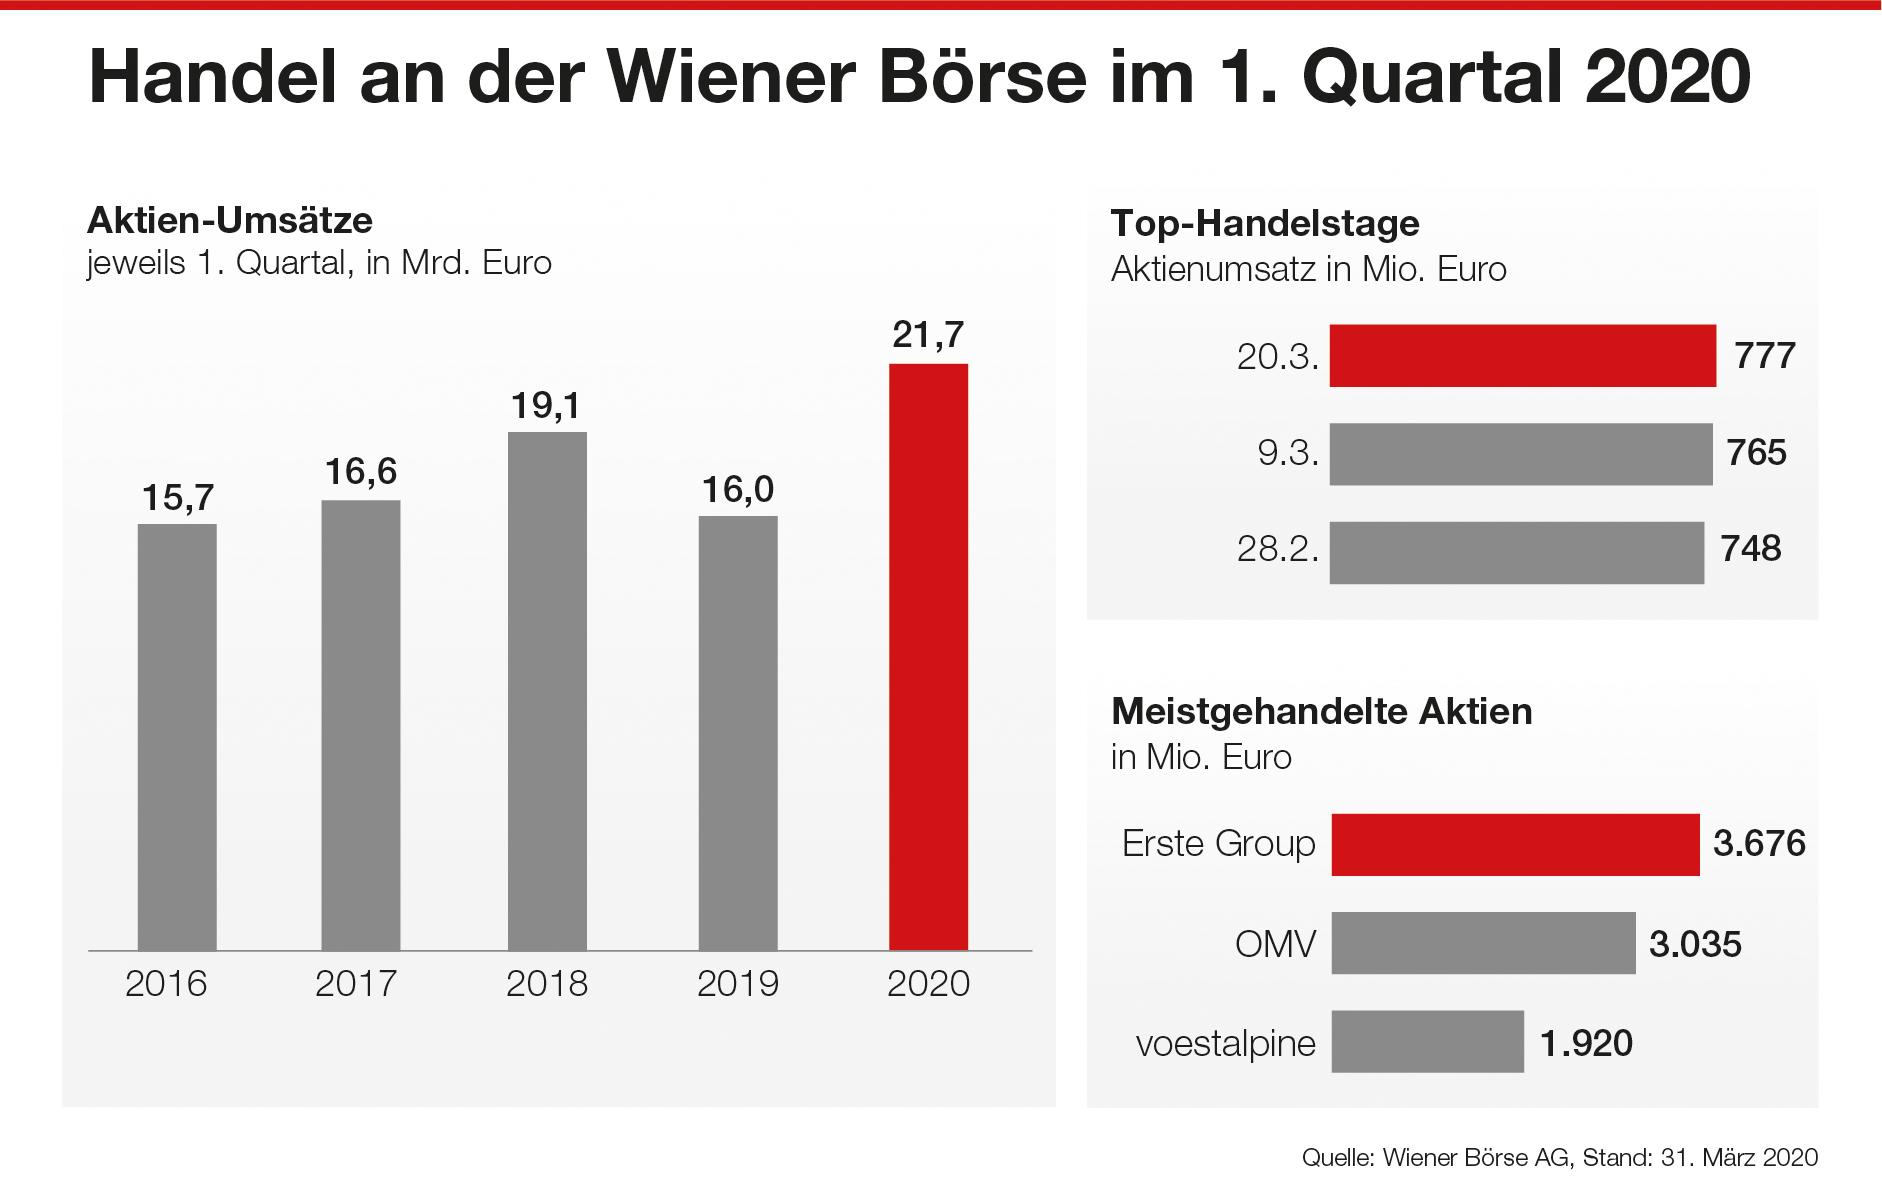 Handel an der Wiener Börse Q1 2020